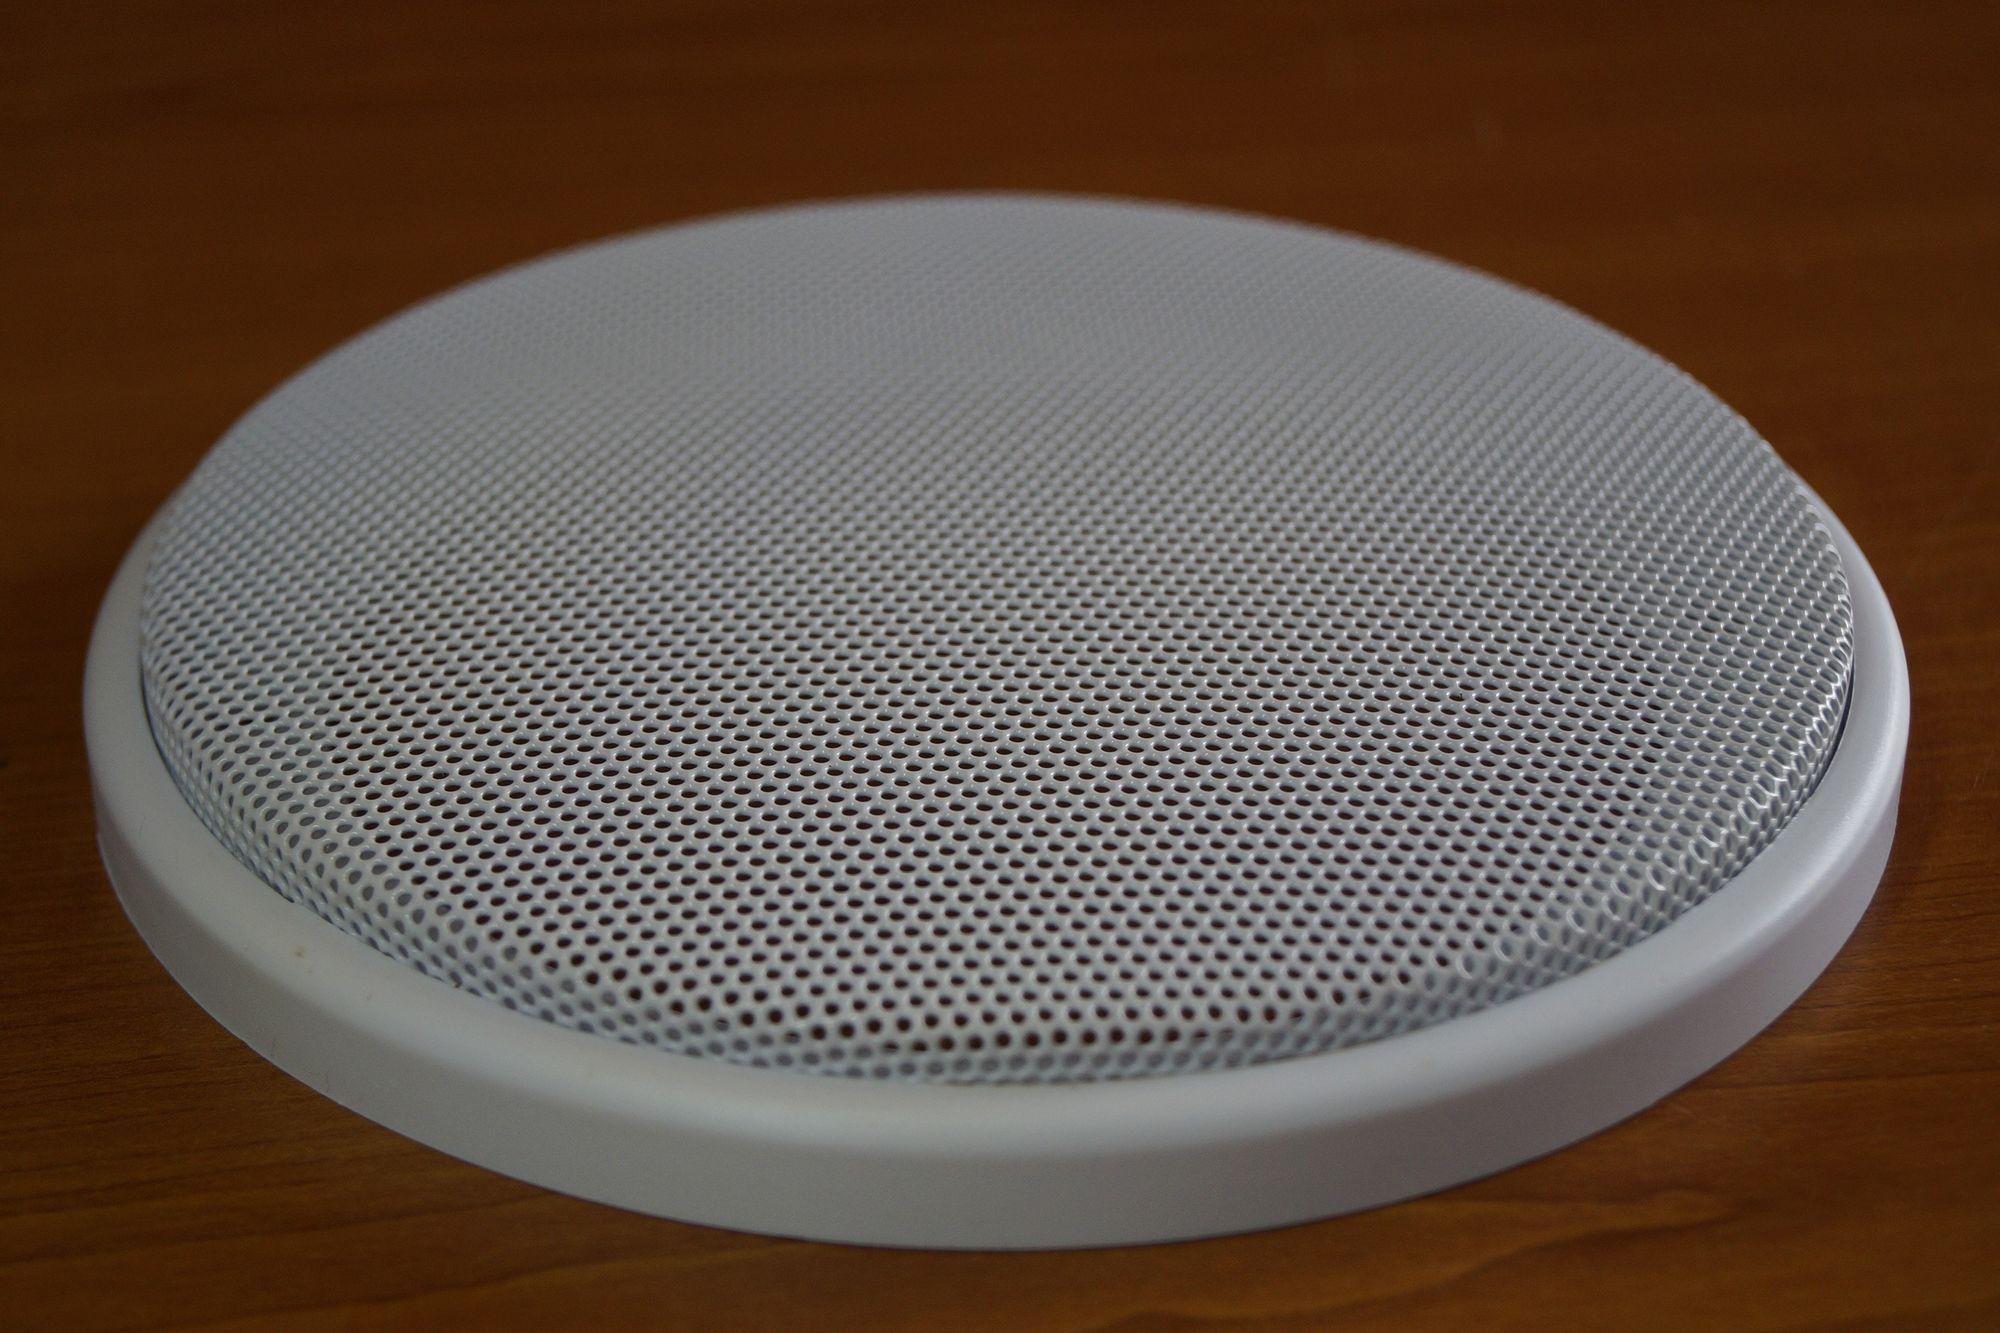 1 Paar DIN-160 Lautsprecher-Universalabdeckung Abdeckung Gitter weiß  – Bild 3